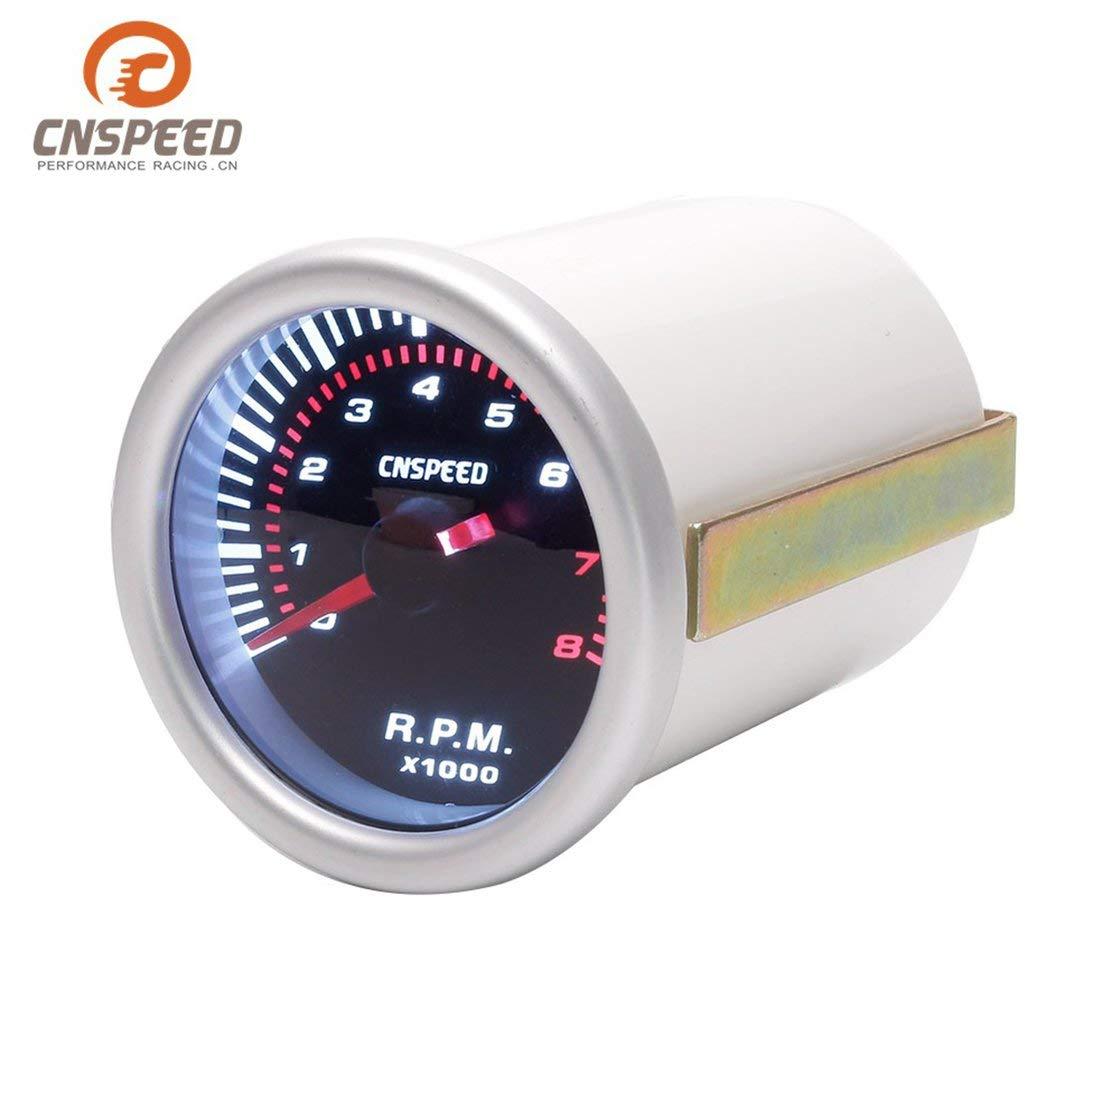 CNSPEED 52mm Coche elé ctrico Indicador de velocidad del motor Tacó metro Medidor de tacó metro Medidor Probador 0~8000 RPM Contador para 4/6/8 cilindro Laurelmartina